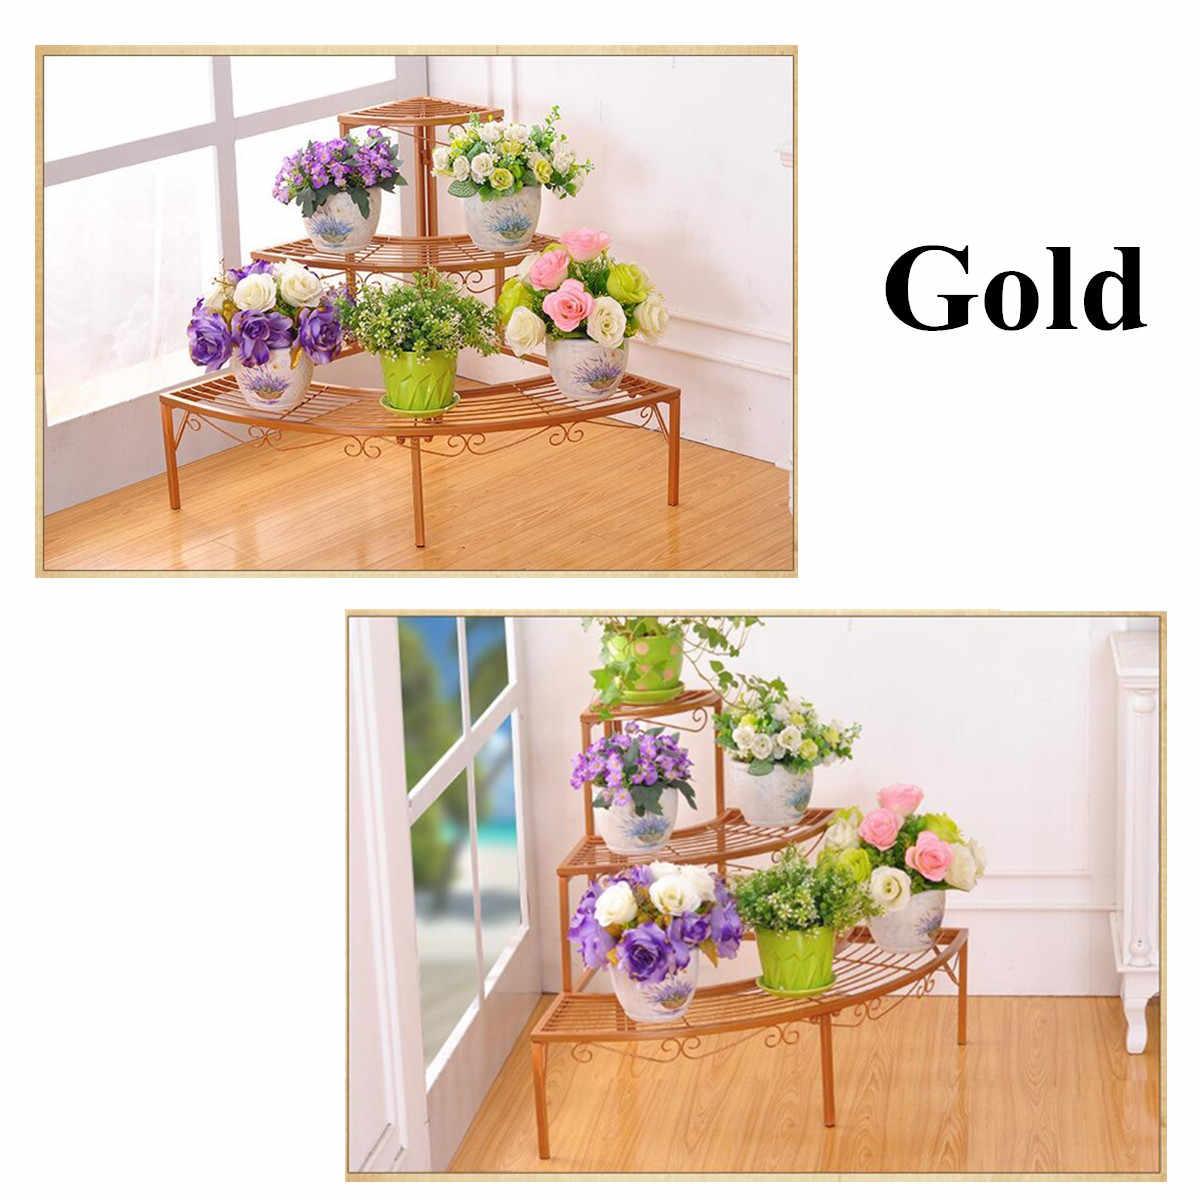 مصنع رفوف زهرة الأواني حامل 3 طبقة طوي حديقة رف سلم مصنع زهرة حامل حديقة الحديد رفوف التخزين عرض